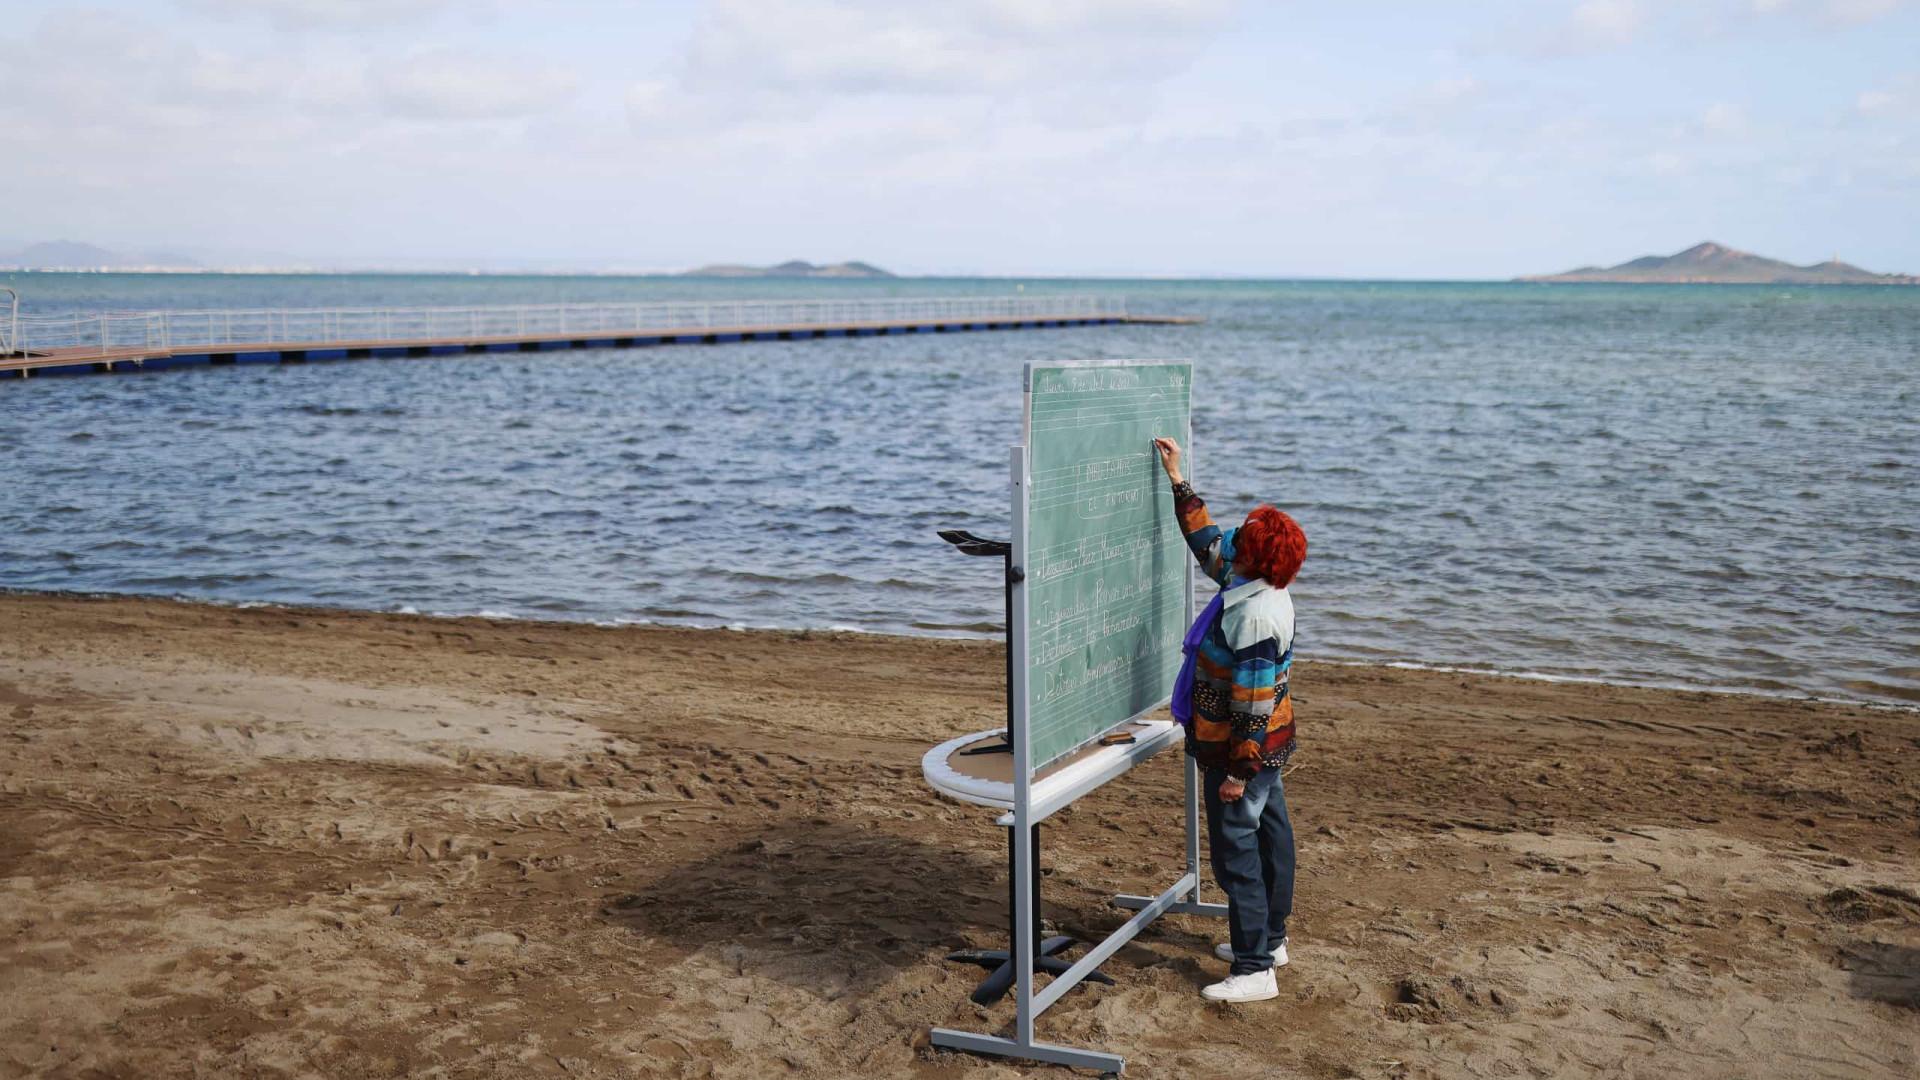 Em Espanha, alunos trocam a escola por salas de aulas... na praia